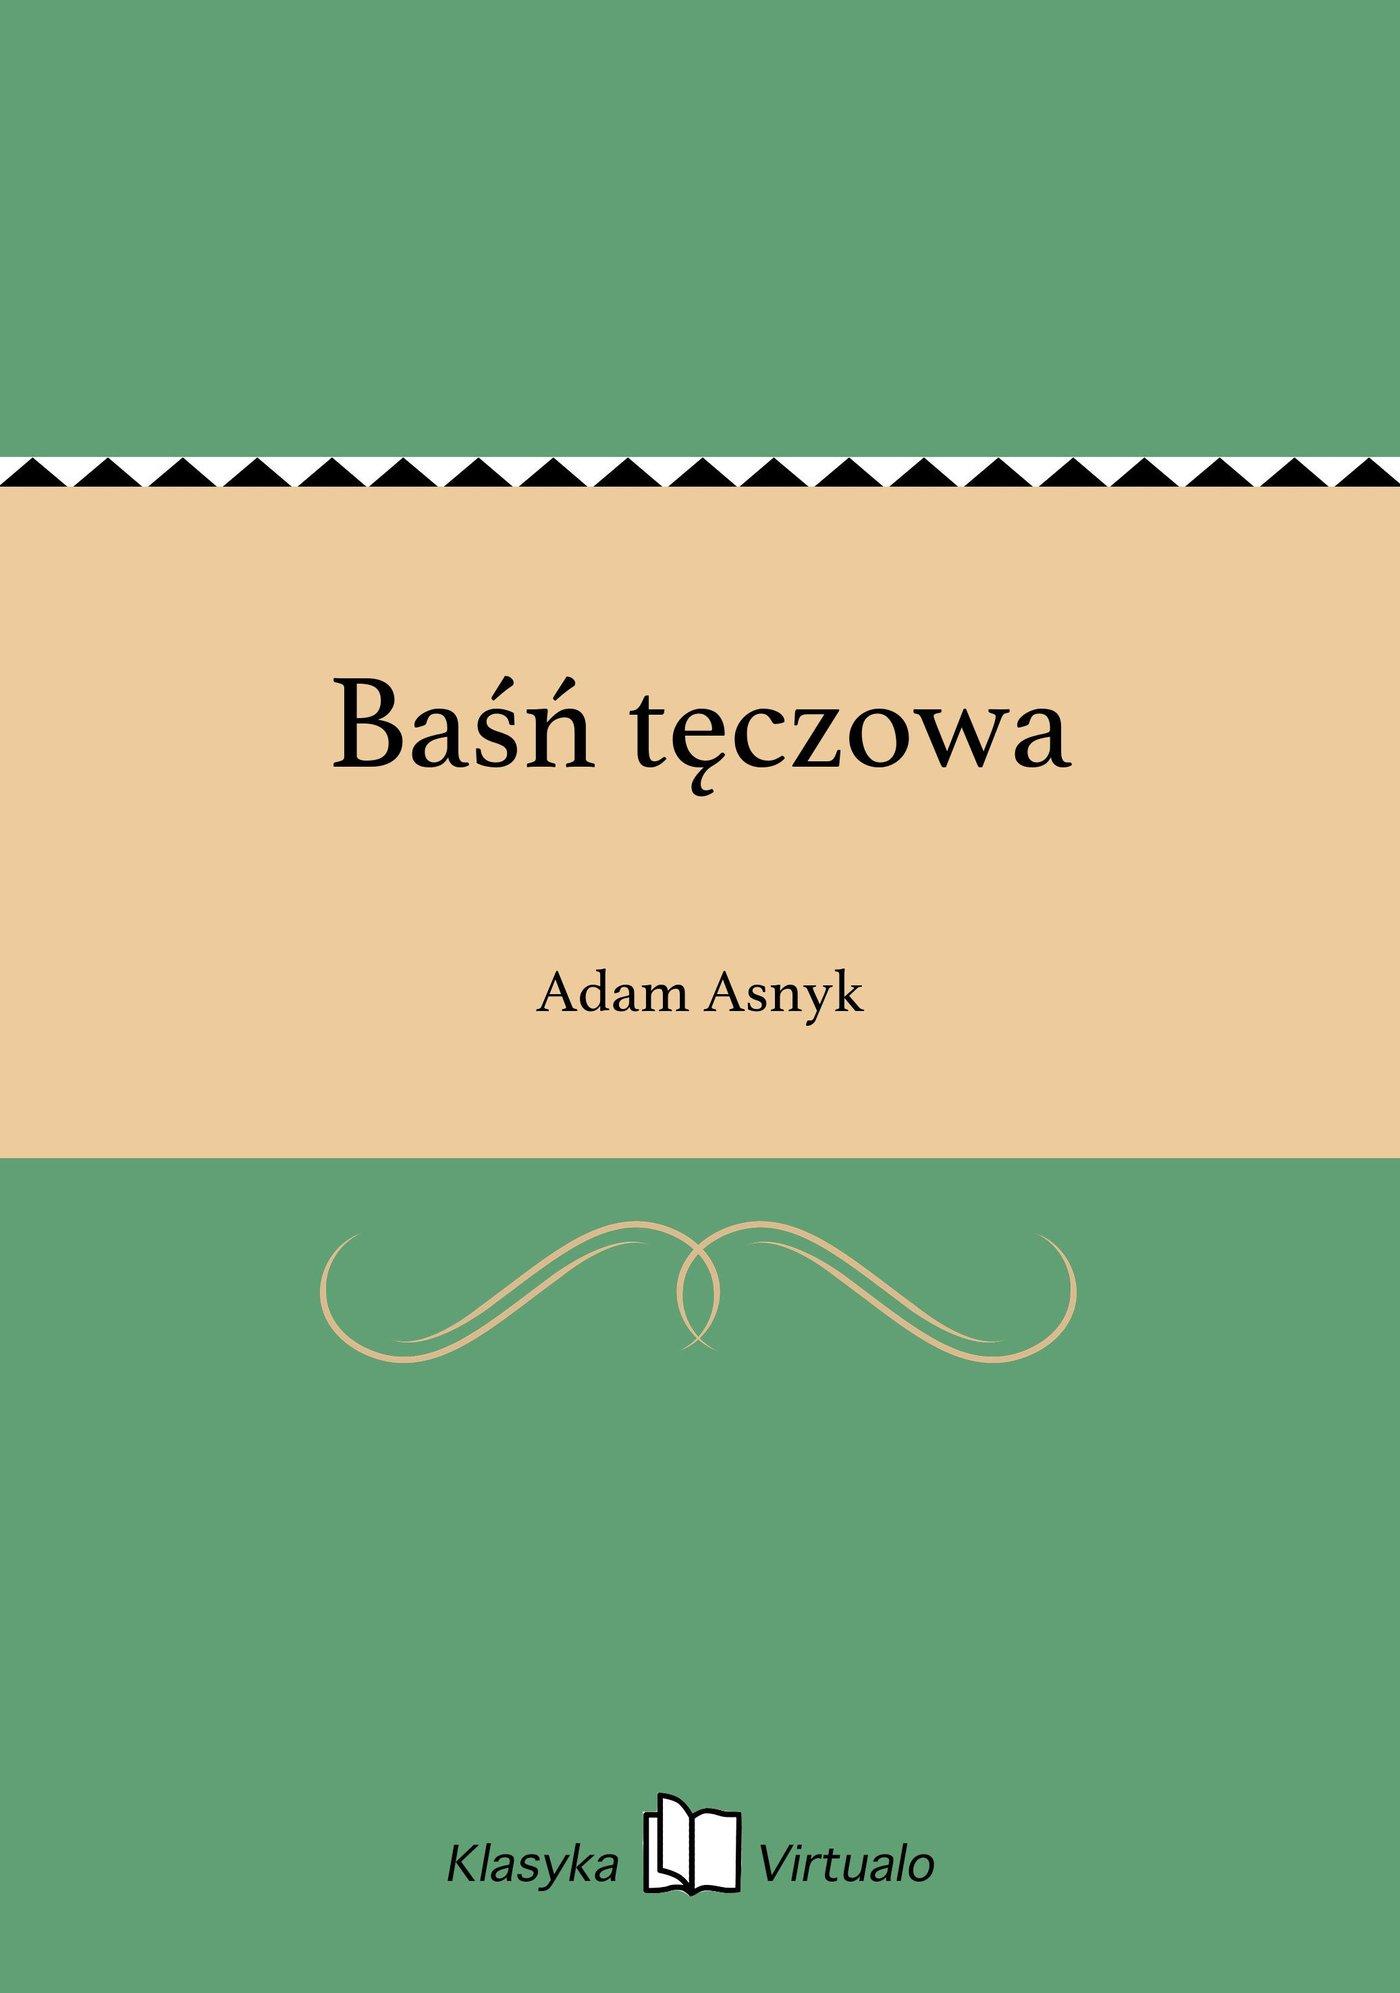 Baśń tęczowa - Ebook (Książka EPUB) do pobrania w formacie EPUB